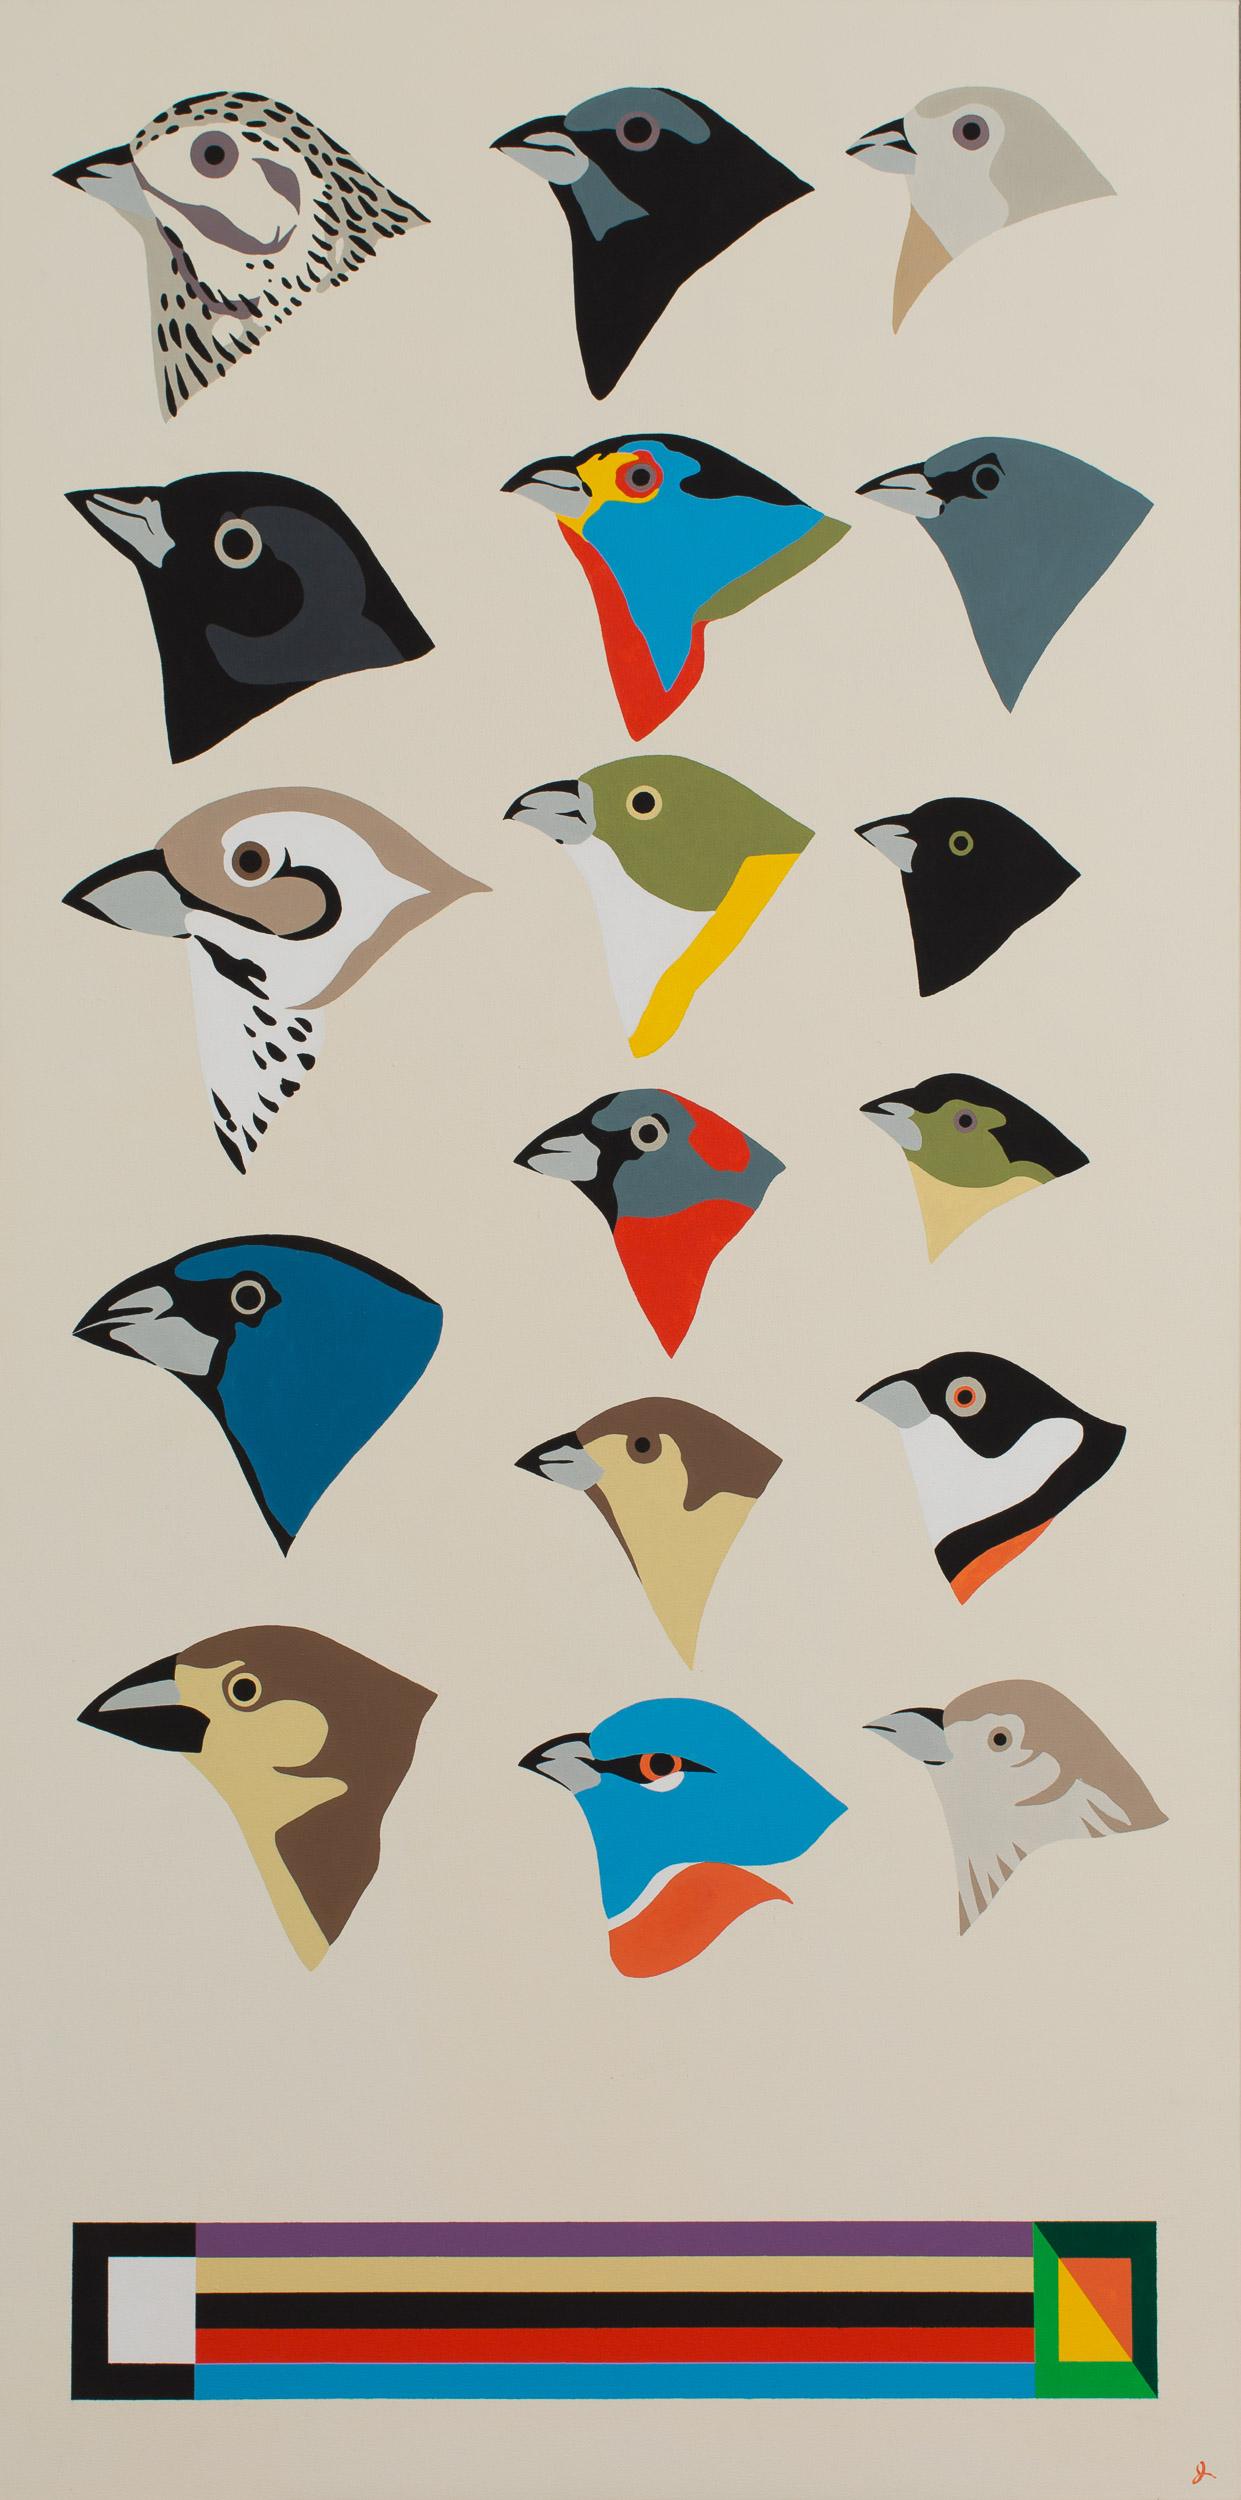 Birdheads